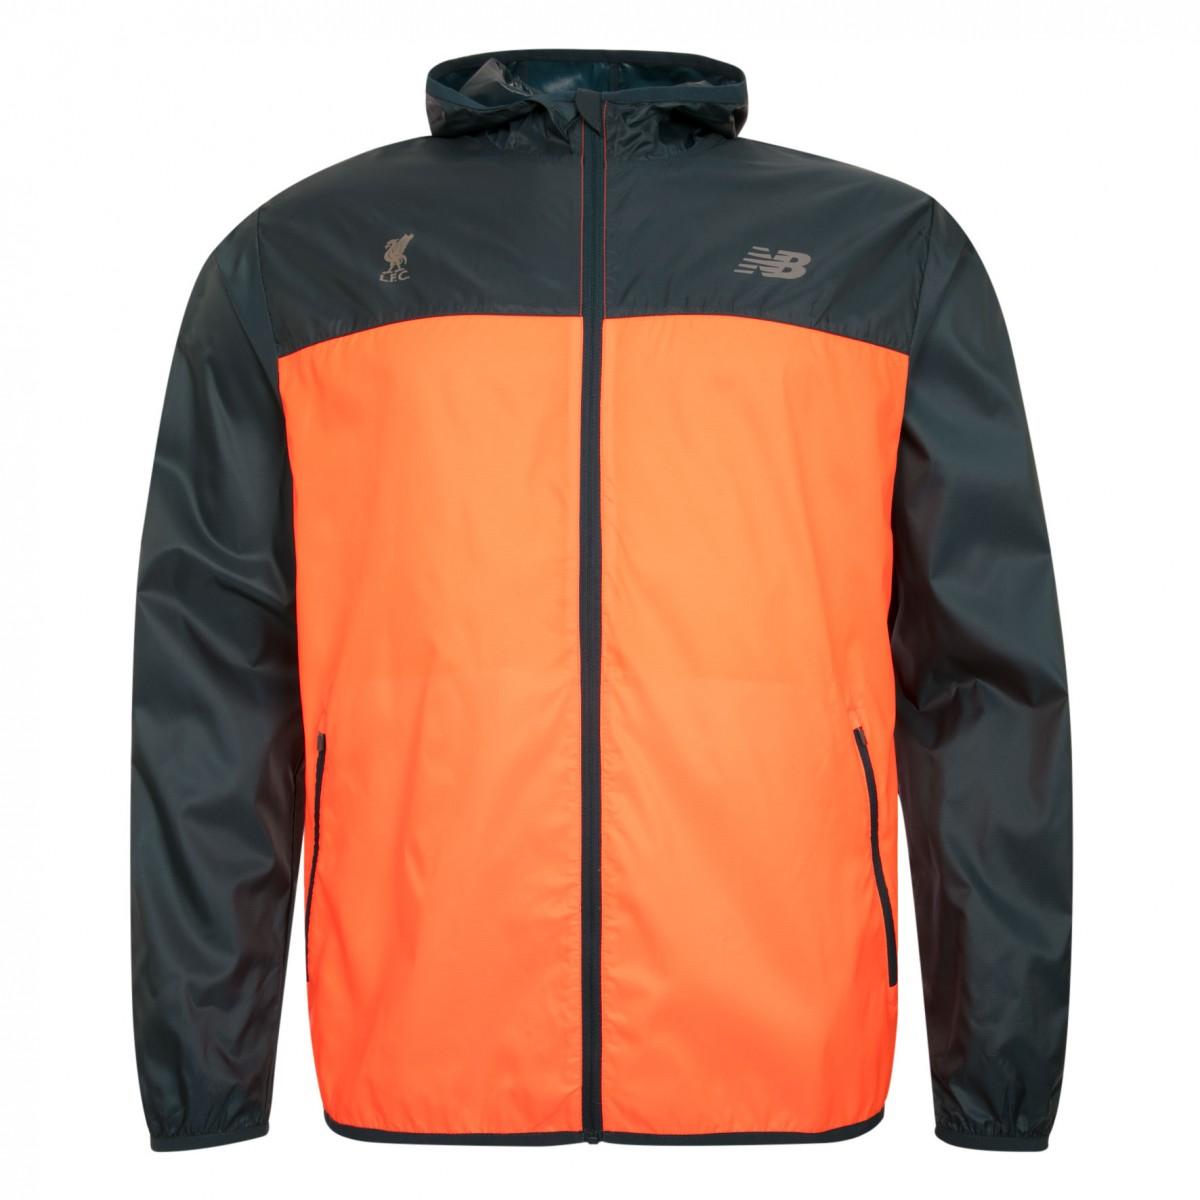 เสื้อฮู้ดนิวบาลานซ์ลิเวอร์พูลของแท้ New Balance Mens Blue Orange Windcheater Jacket